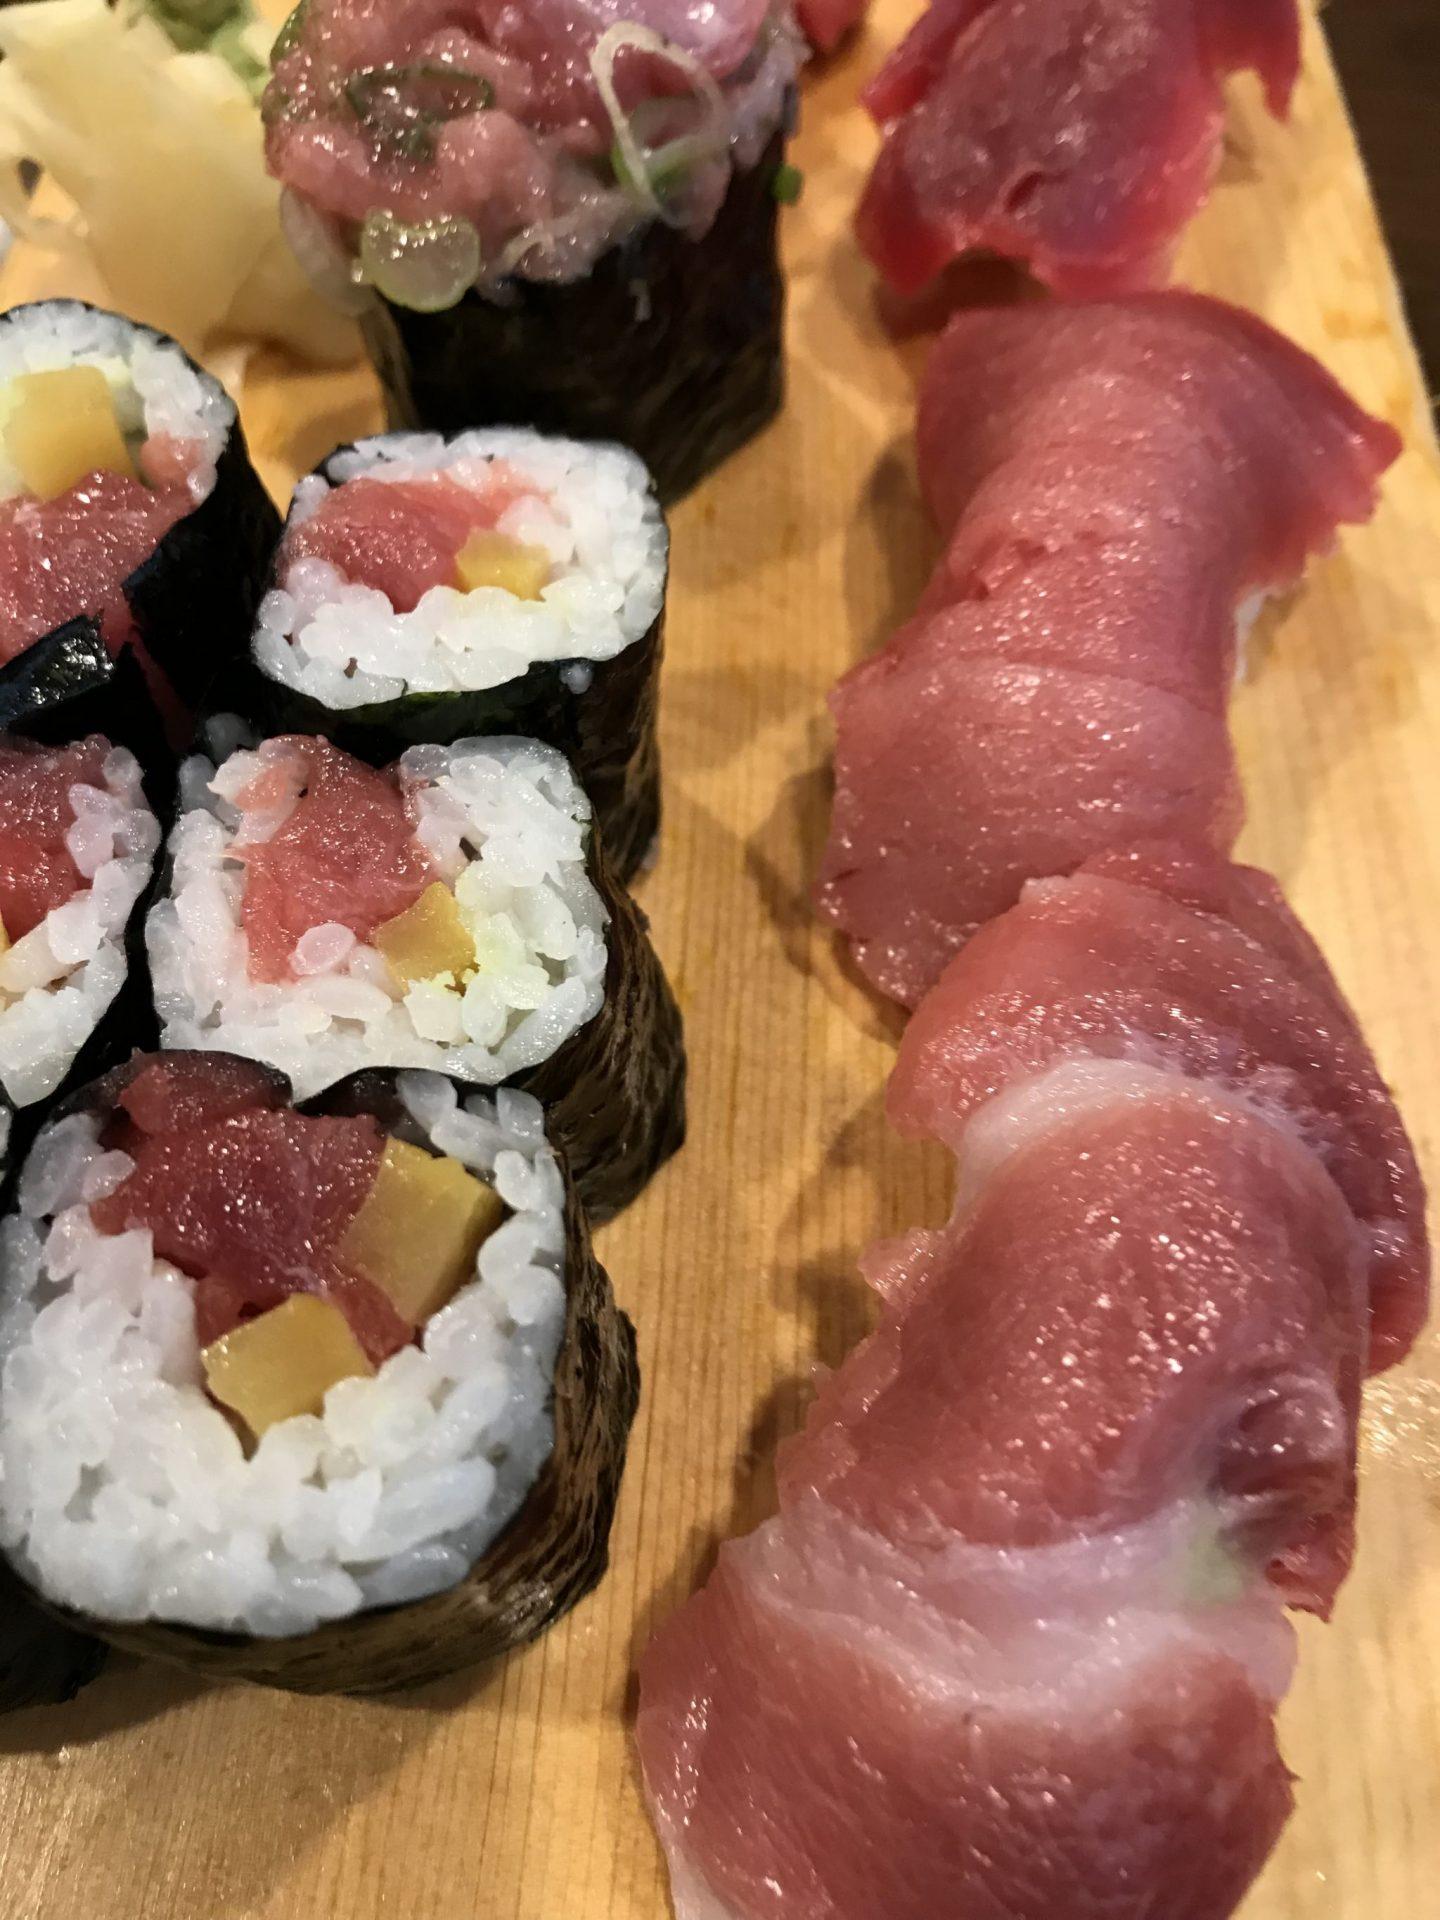 Sushi vom Thunfisch Tunfisch Restaurant Yabase Düsseldorf Erfahrung Bewertung Kritik Foodblog Sternestulle